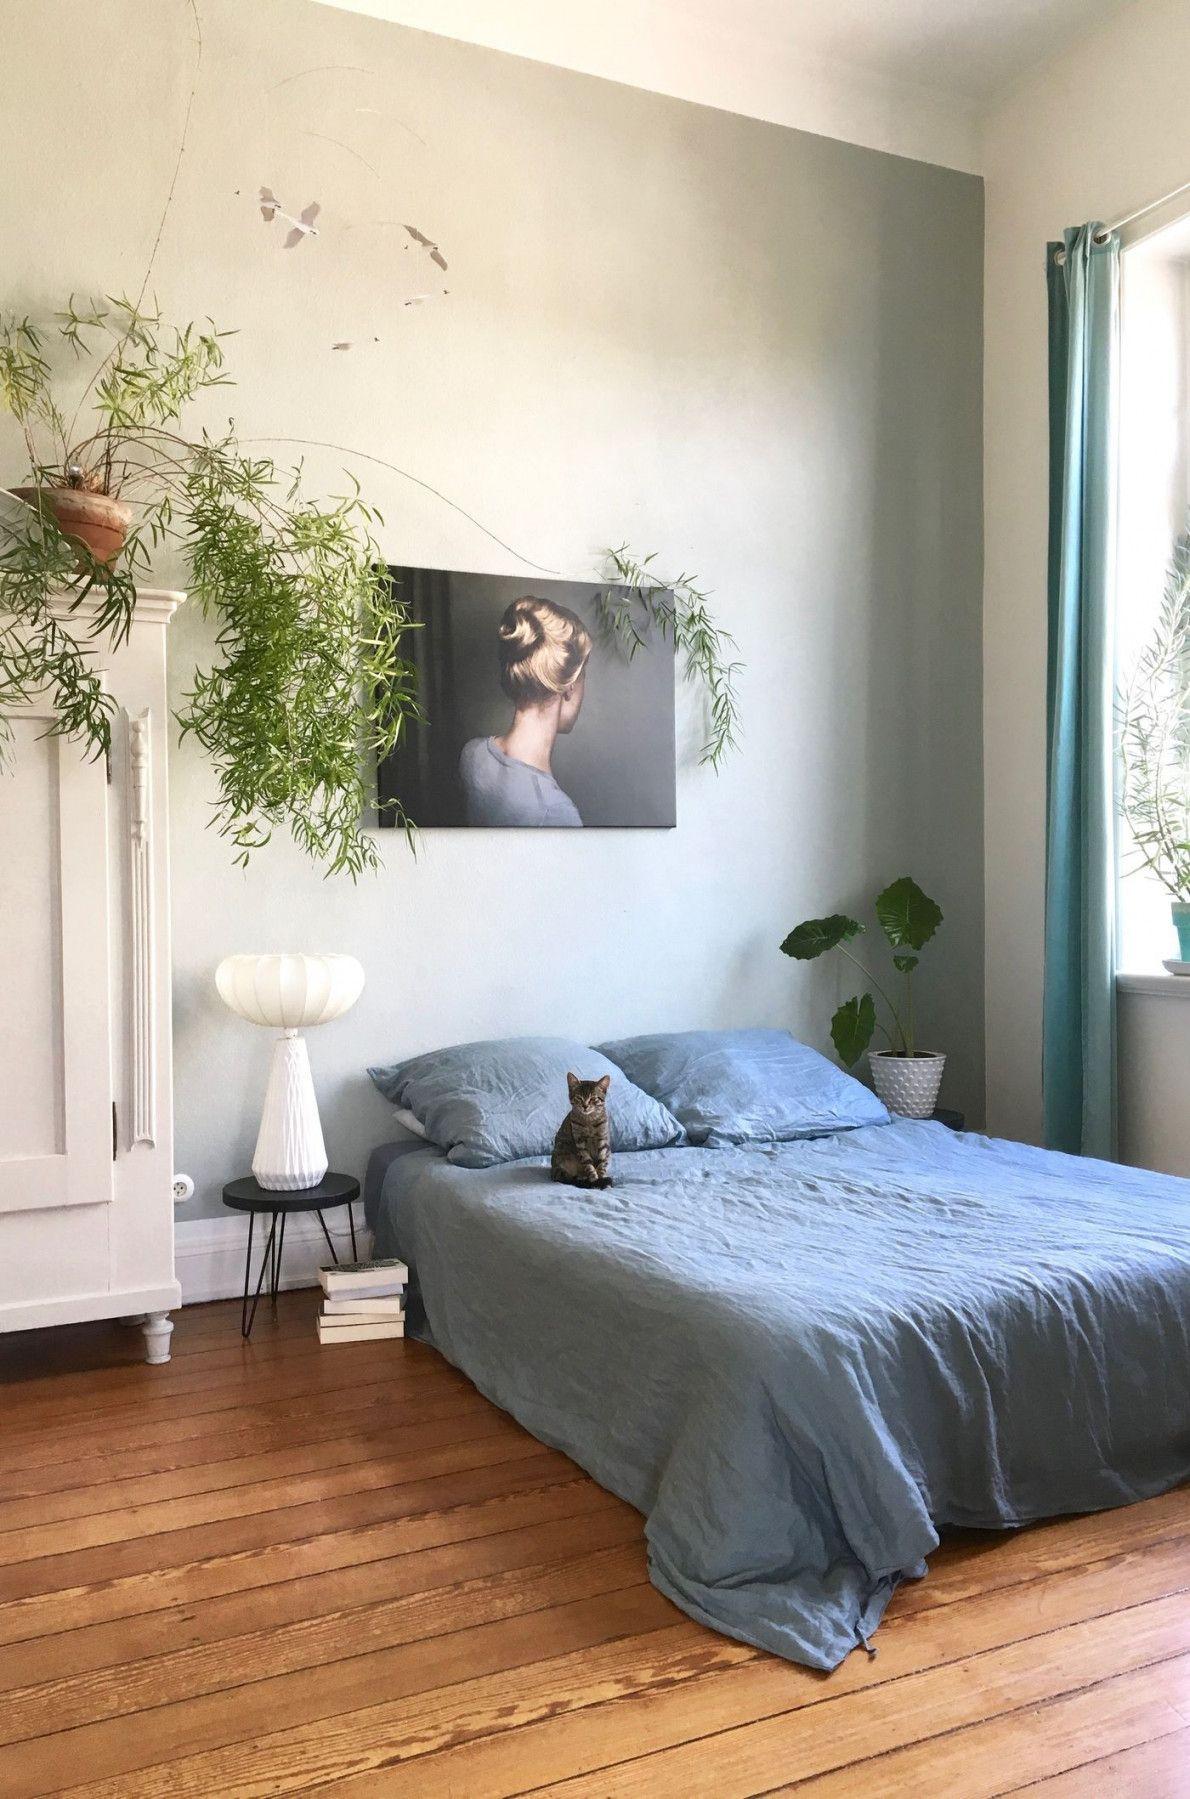 Schlafzimmer Ideen Zum Einrichten Von Dekoration Schlafzimmer Wand